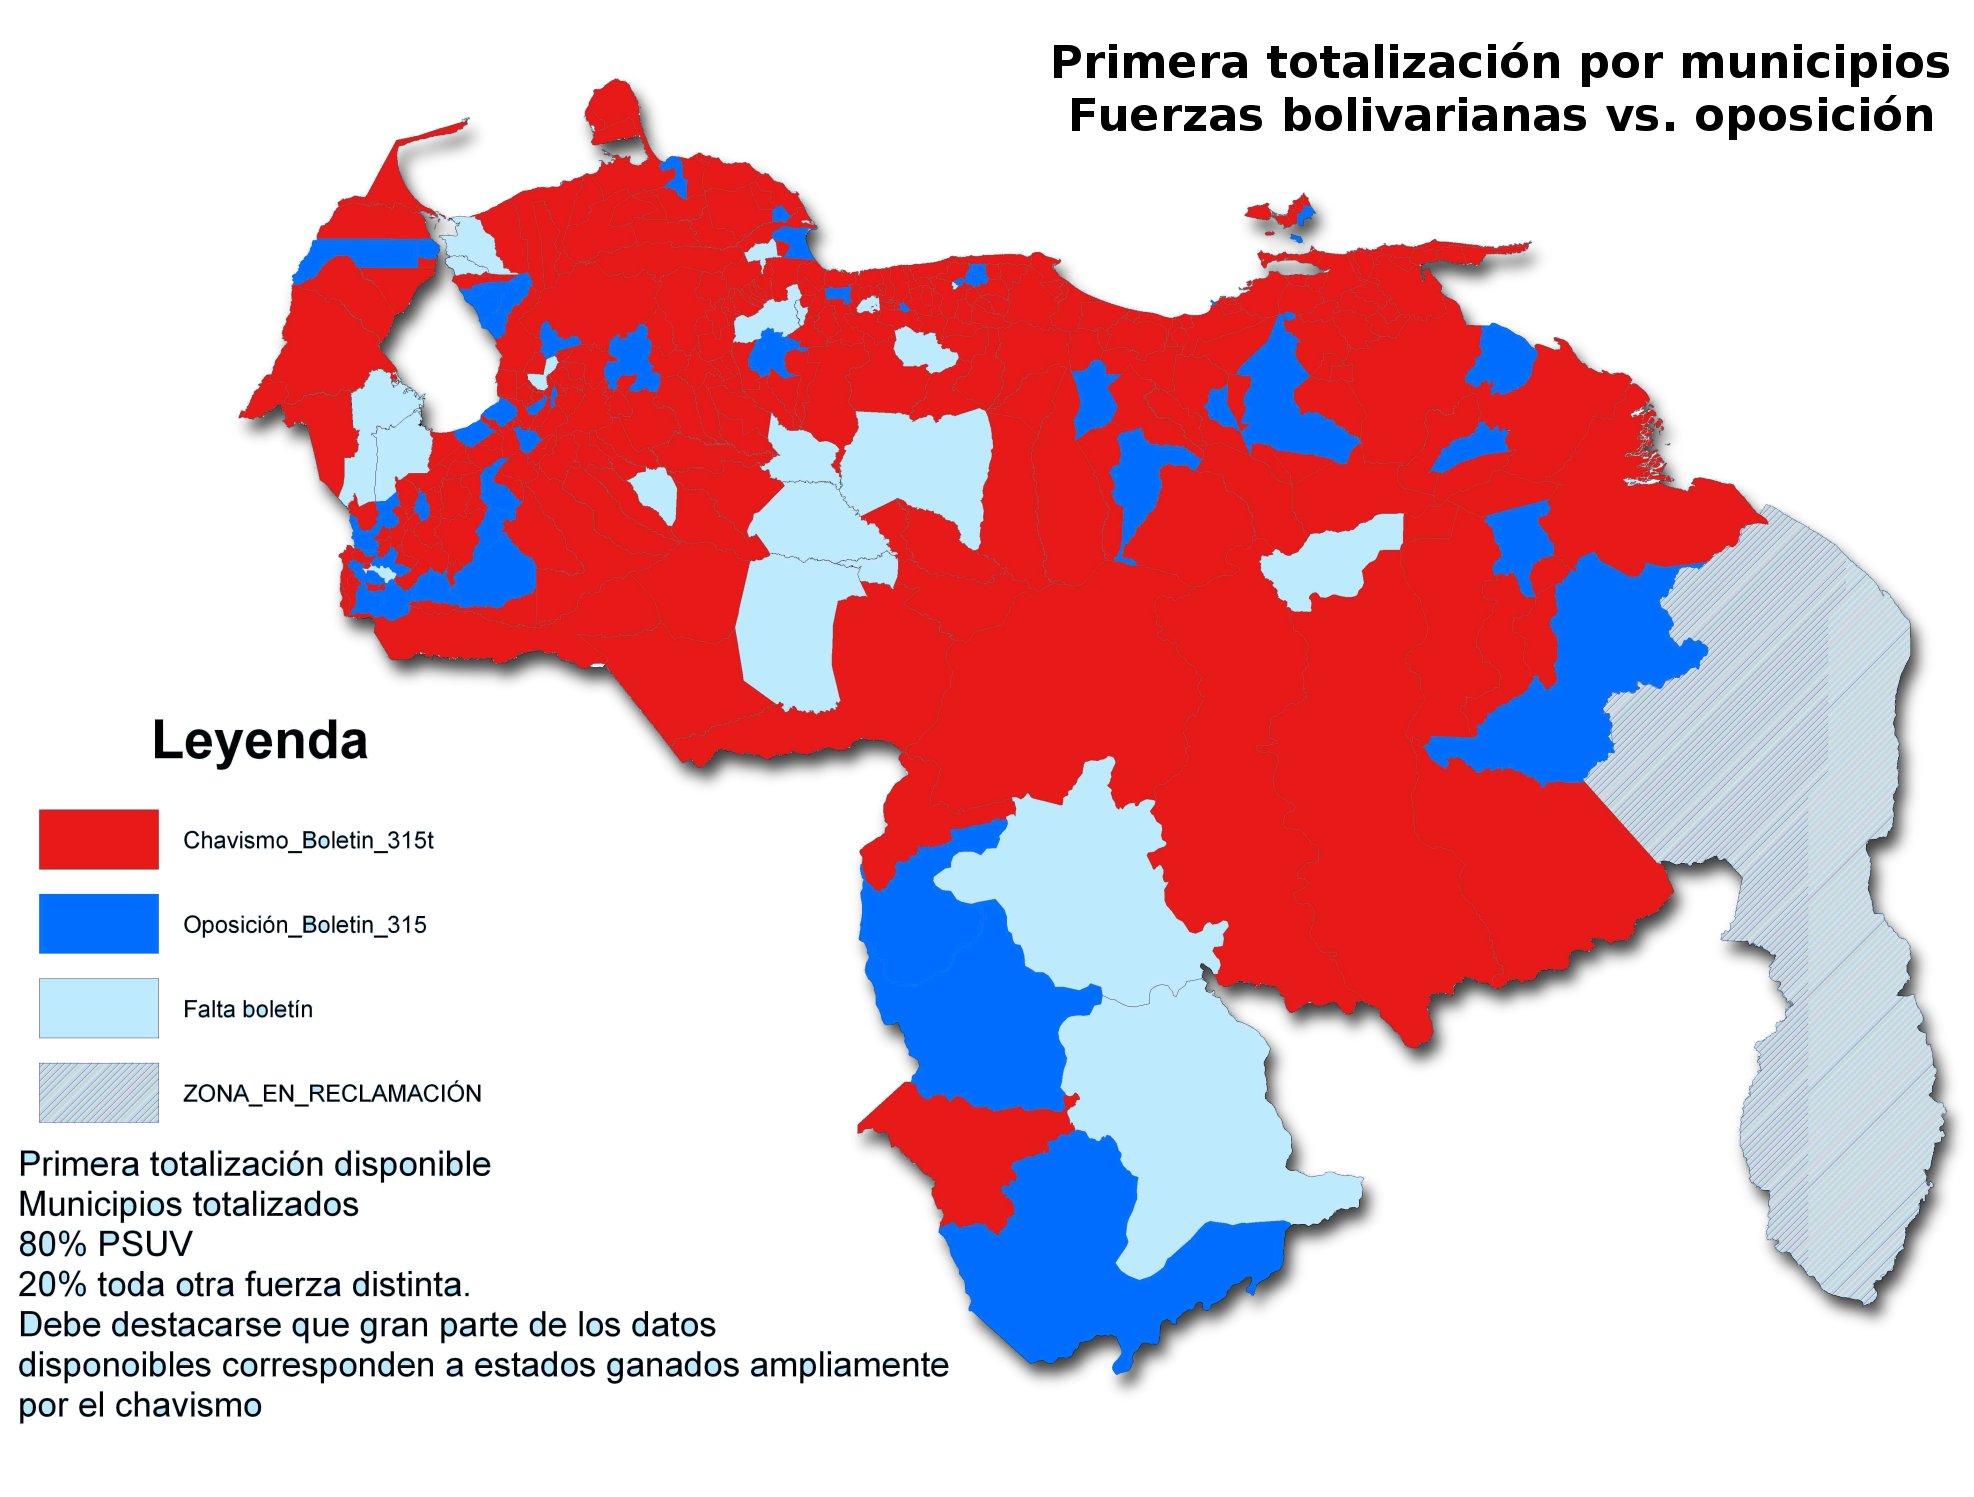 2013 11 01 archive additionally 22 moreover Bandera Nueva Esparta moreover Resultados Electorales Municipales as well Resultados Basicos Censo2011. on mapa de falcon venezuela